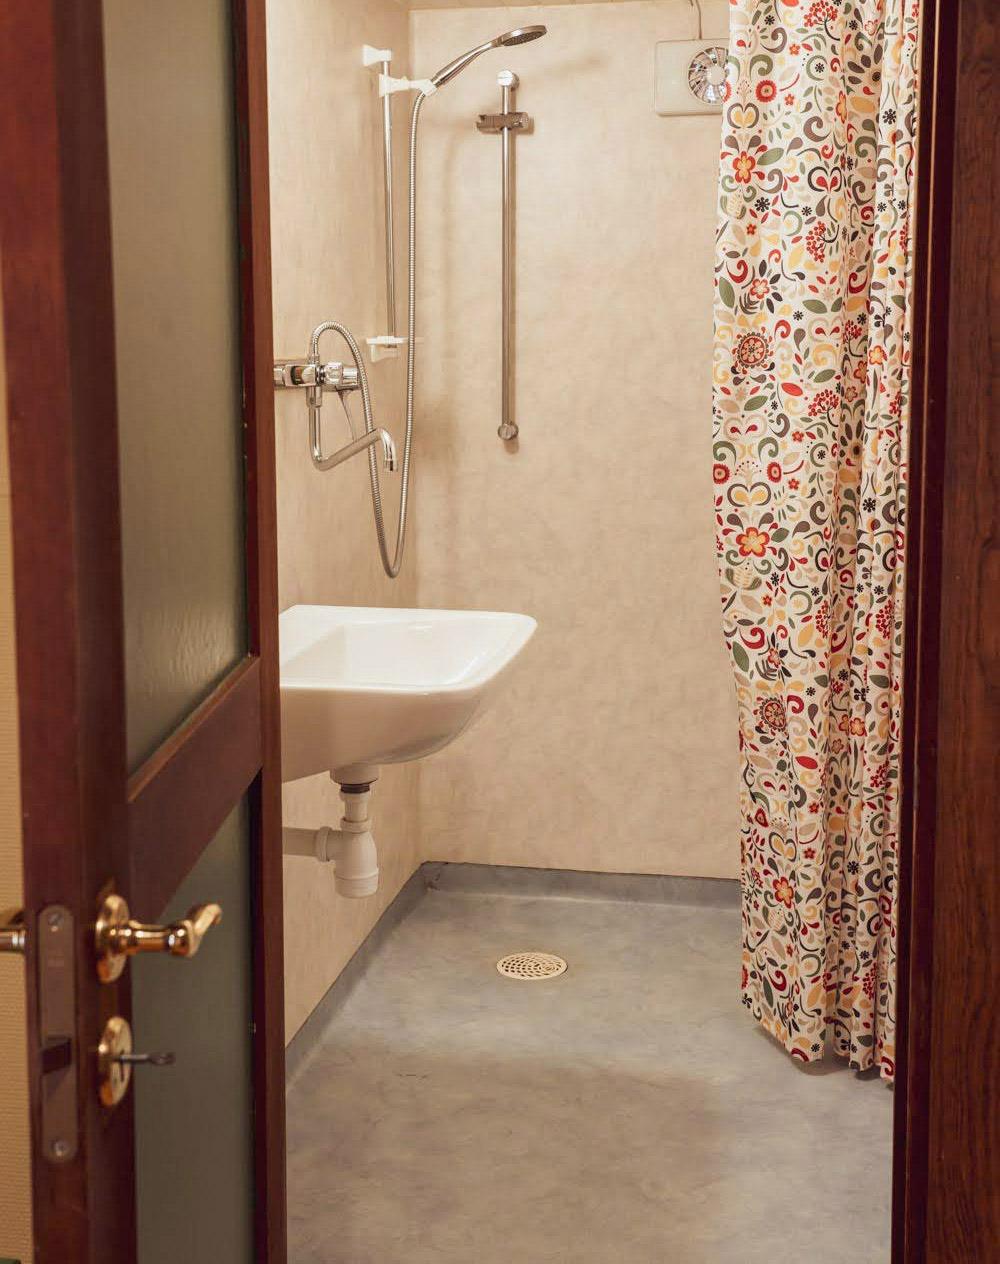 Eftersom dusch och toalett är i separata rum kan gäster använda båda samtidigt.